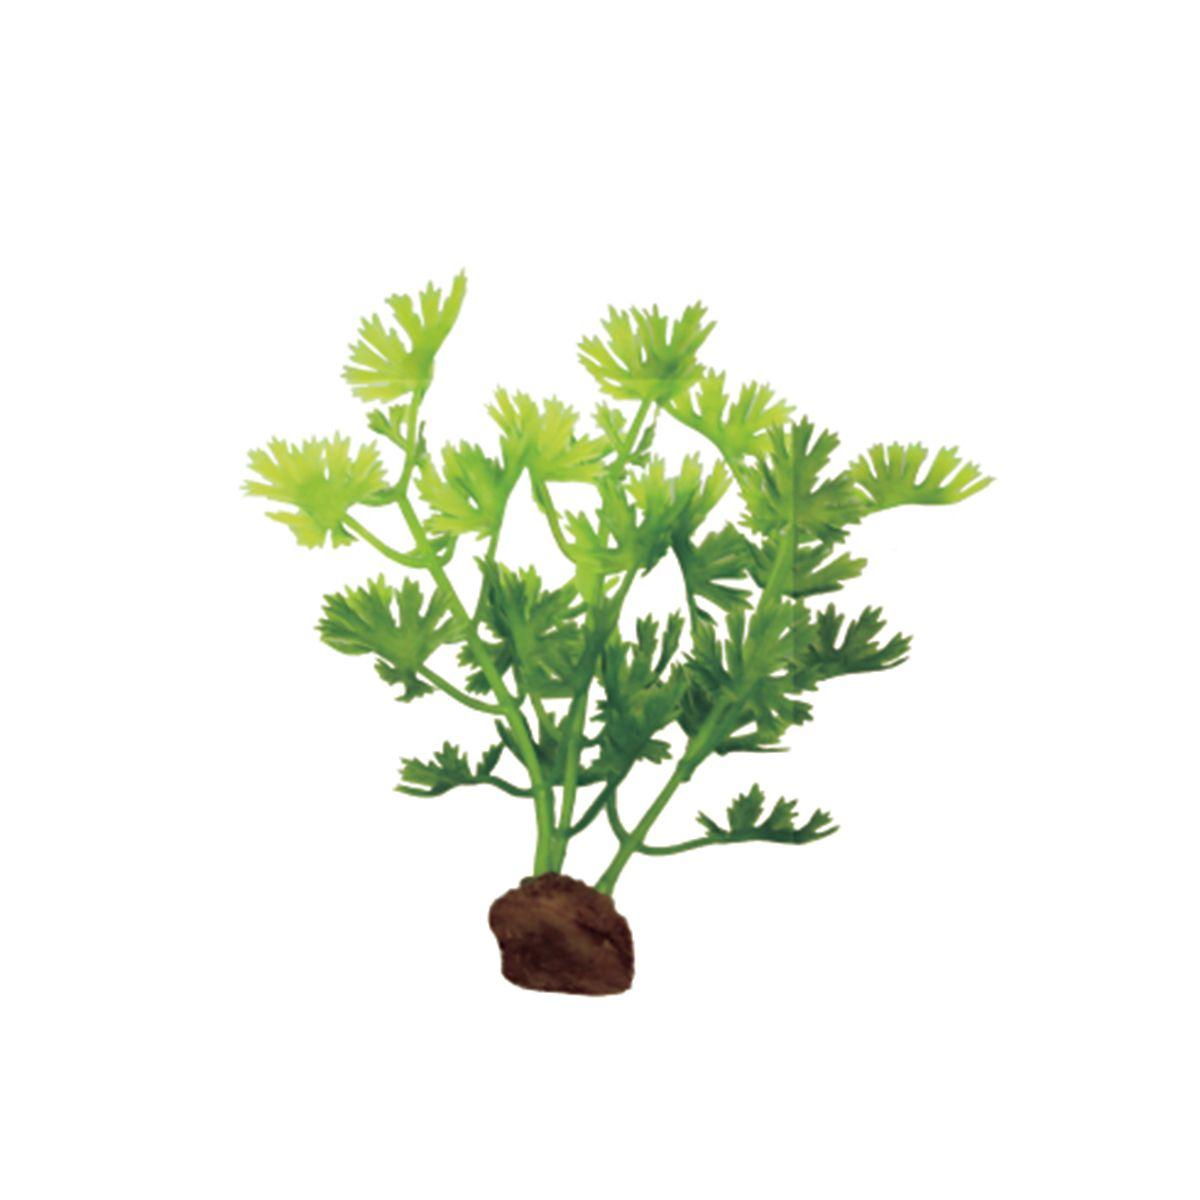 Растение для аквариума ArtUniq Лютик водный, высота 10 см, 6 шт0120710Растение для аквариума ArtUniq Лютик водный, высота 10 см, 6 шт